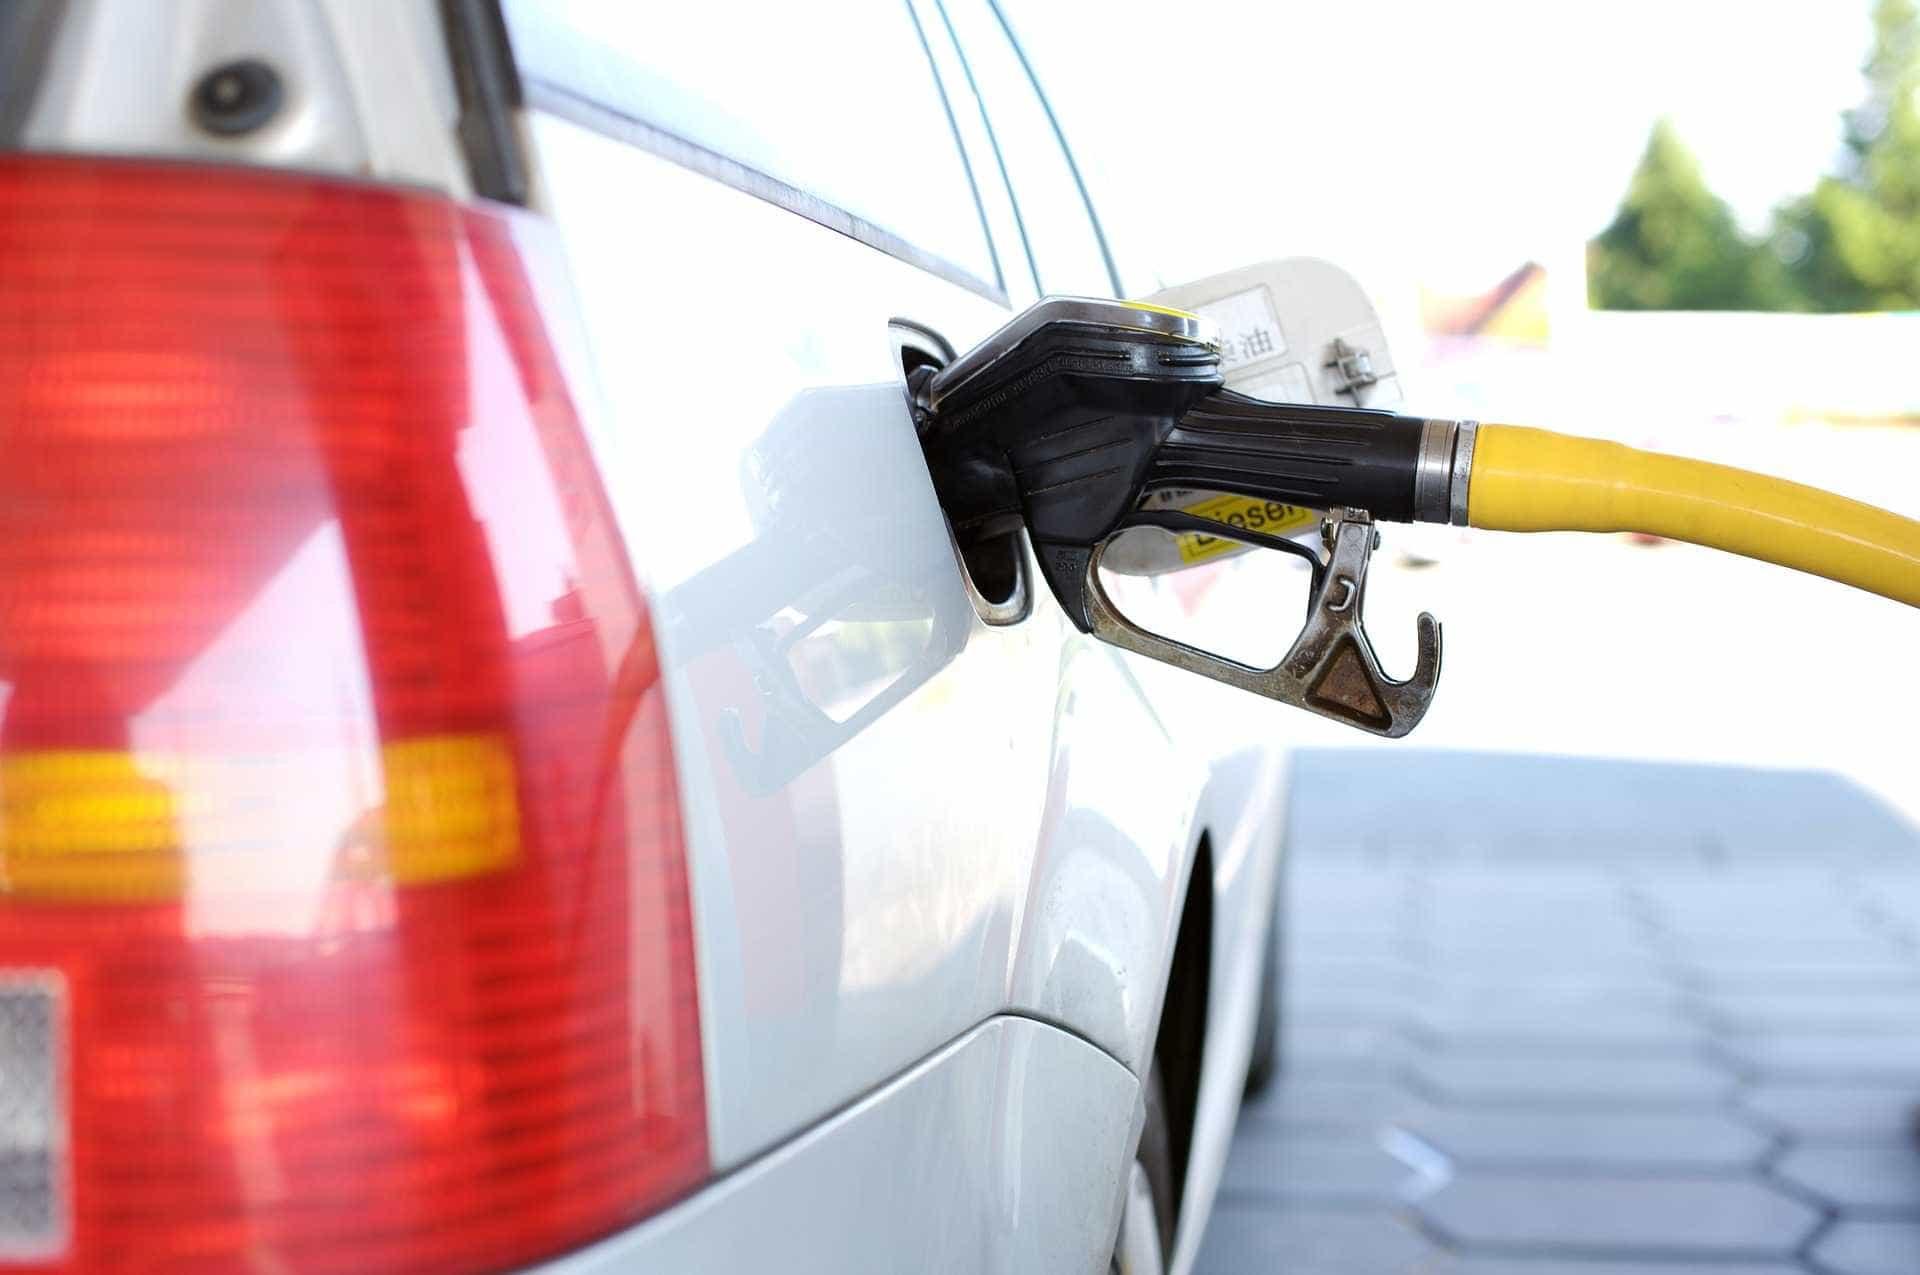 Presos 8 executivos das maiores distribuidoras de combustíveis do país